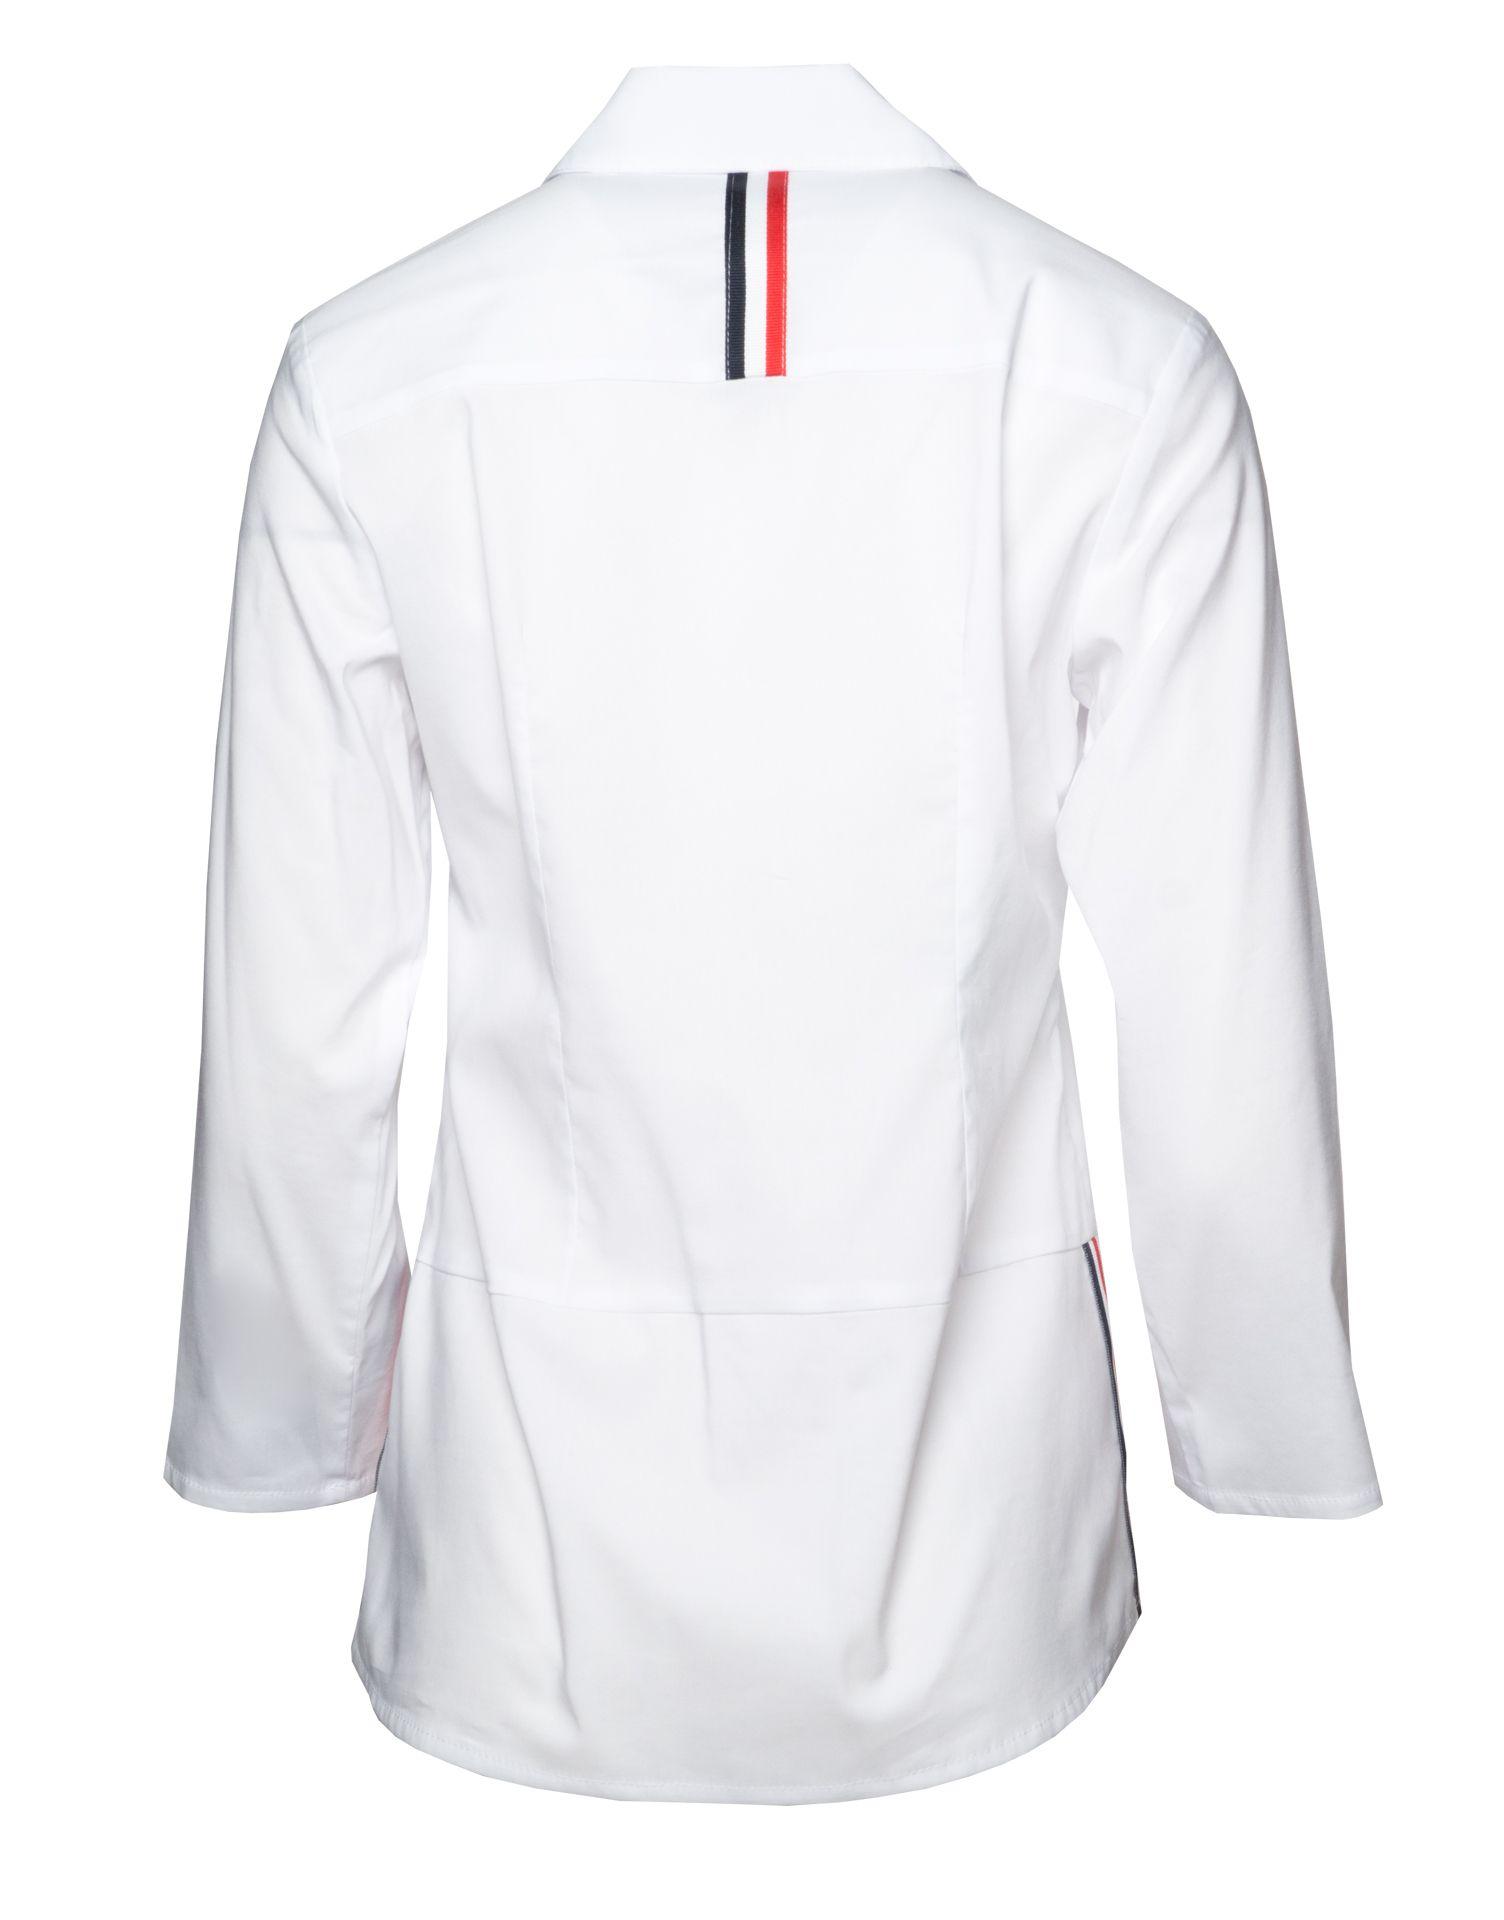 000d0c267e Nowoczesna biała bluzka z lampasami. Nowoczesna biała koszula. Koszula na  co dzień. Koszula